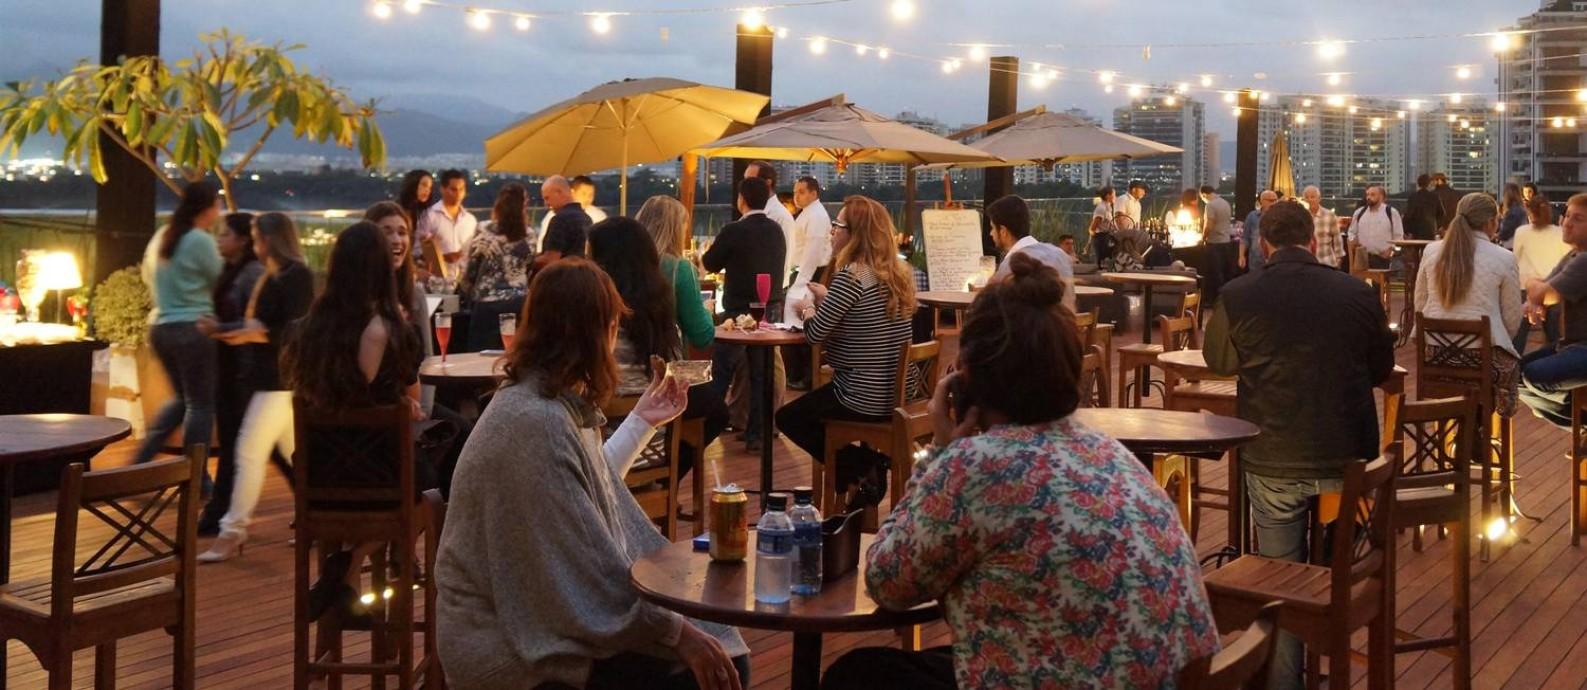 Village Wine Fest Foto: Divulgação